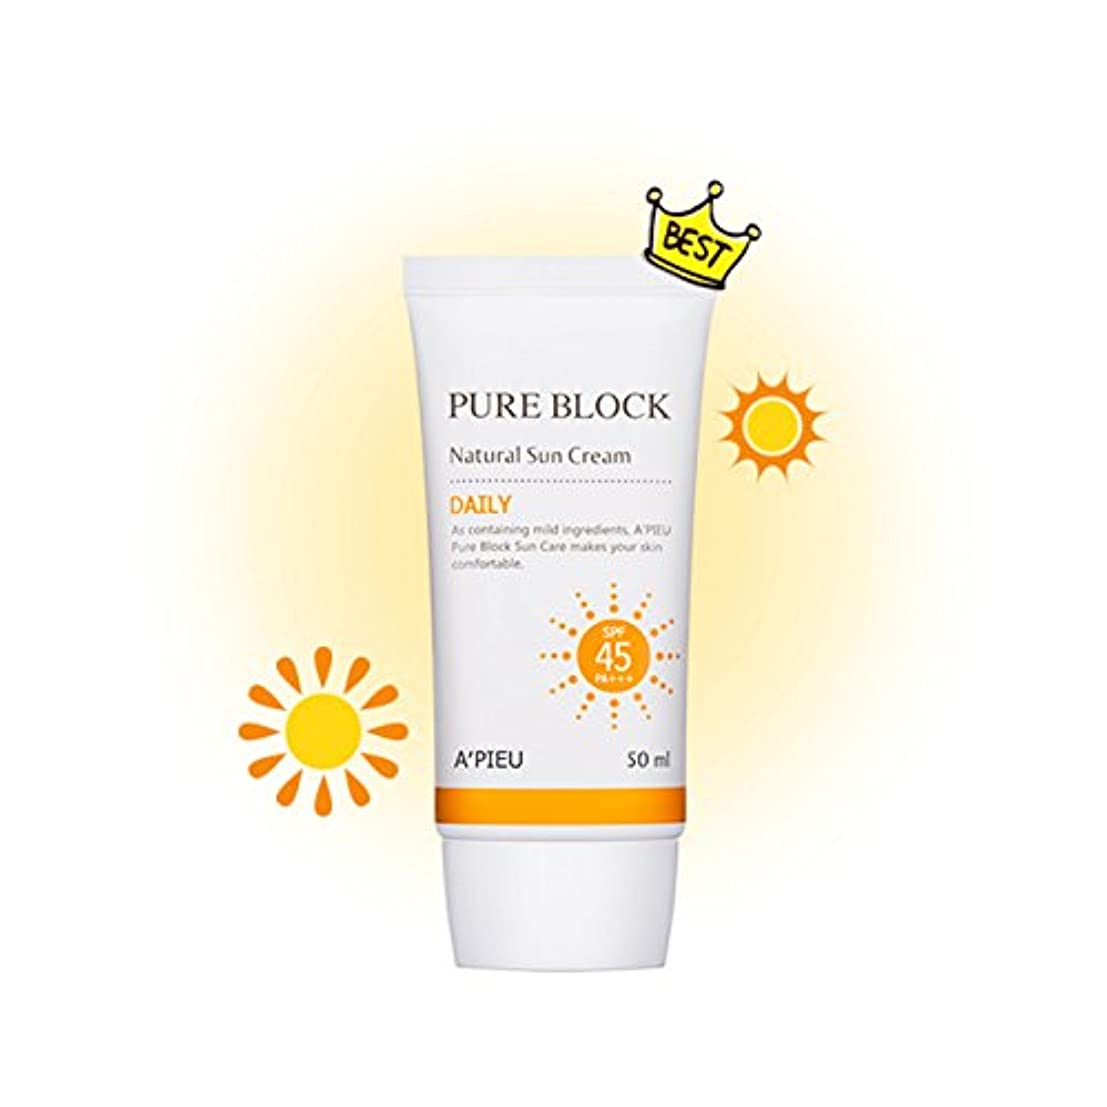 心理学斧家具[オピュ] A'PIEU ピュアブロックナチュラルデイリー日焼け止め Pure Block Natural Daily Sun Cream SPF 45 PA+++ [並行輸入品]